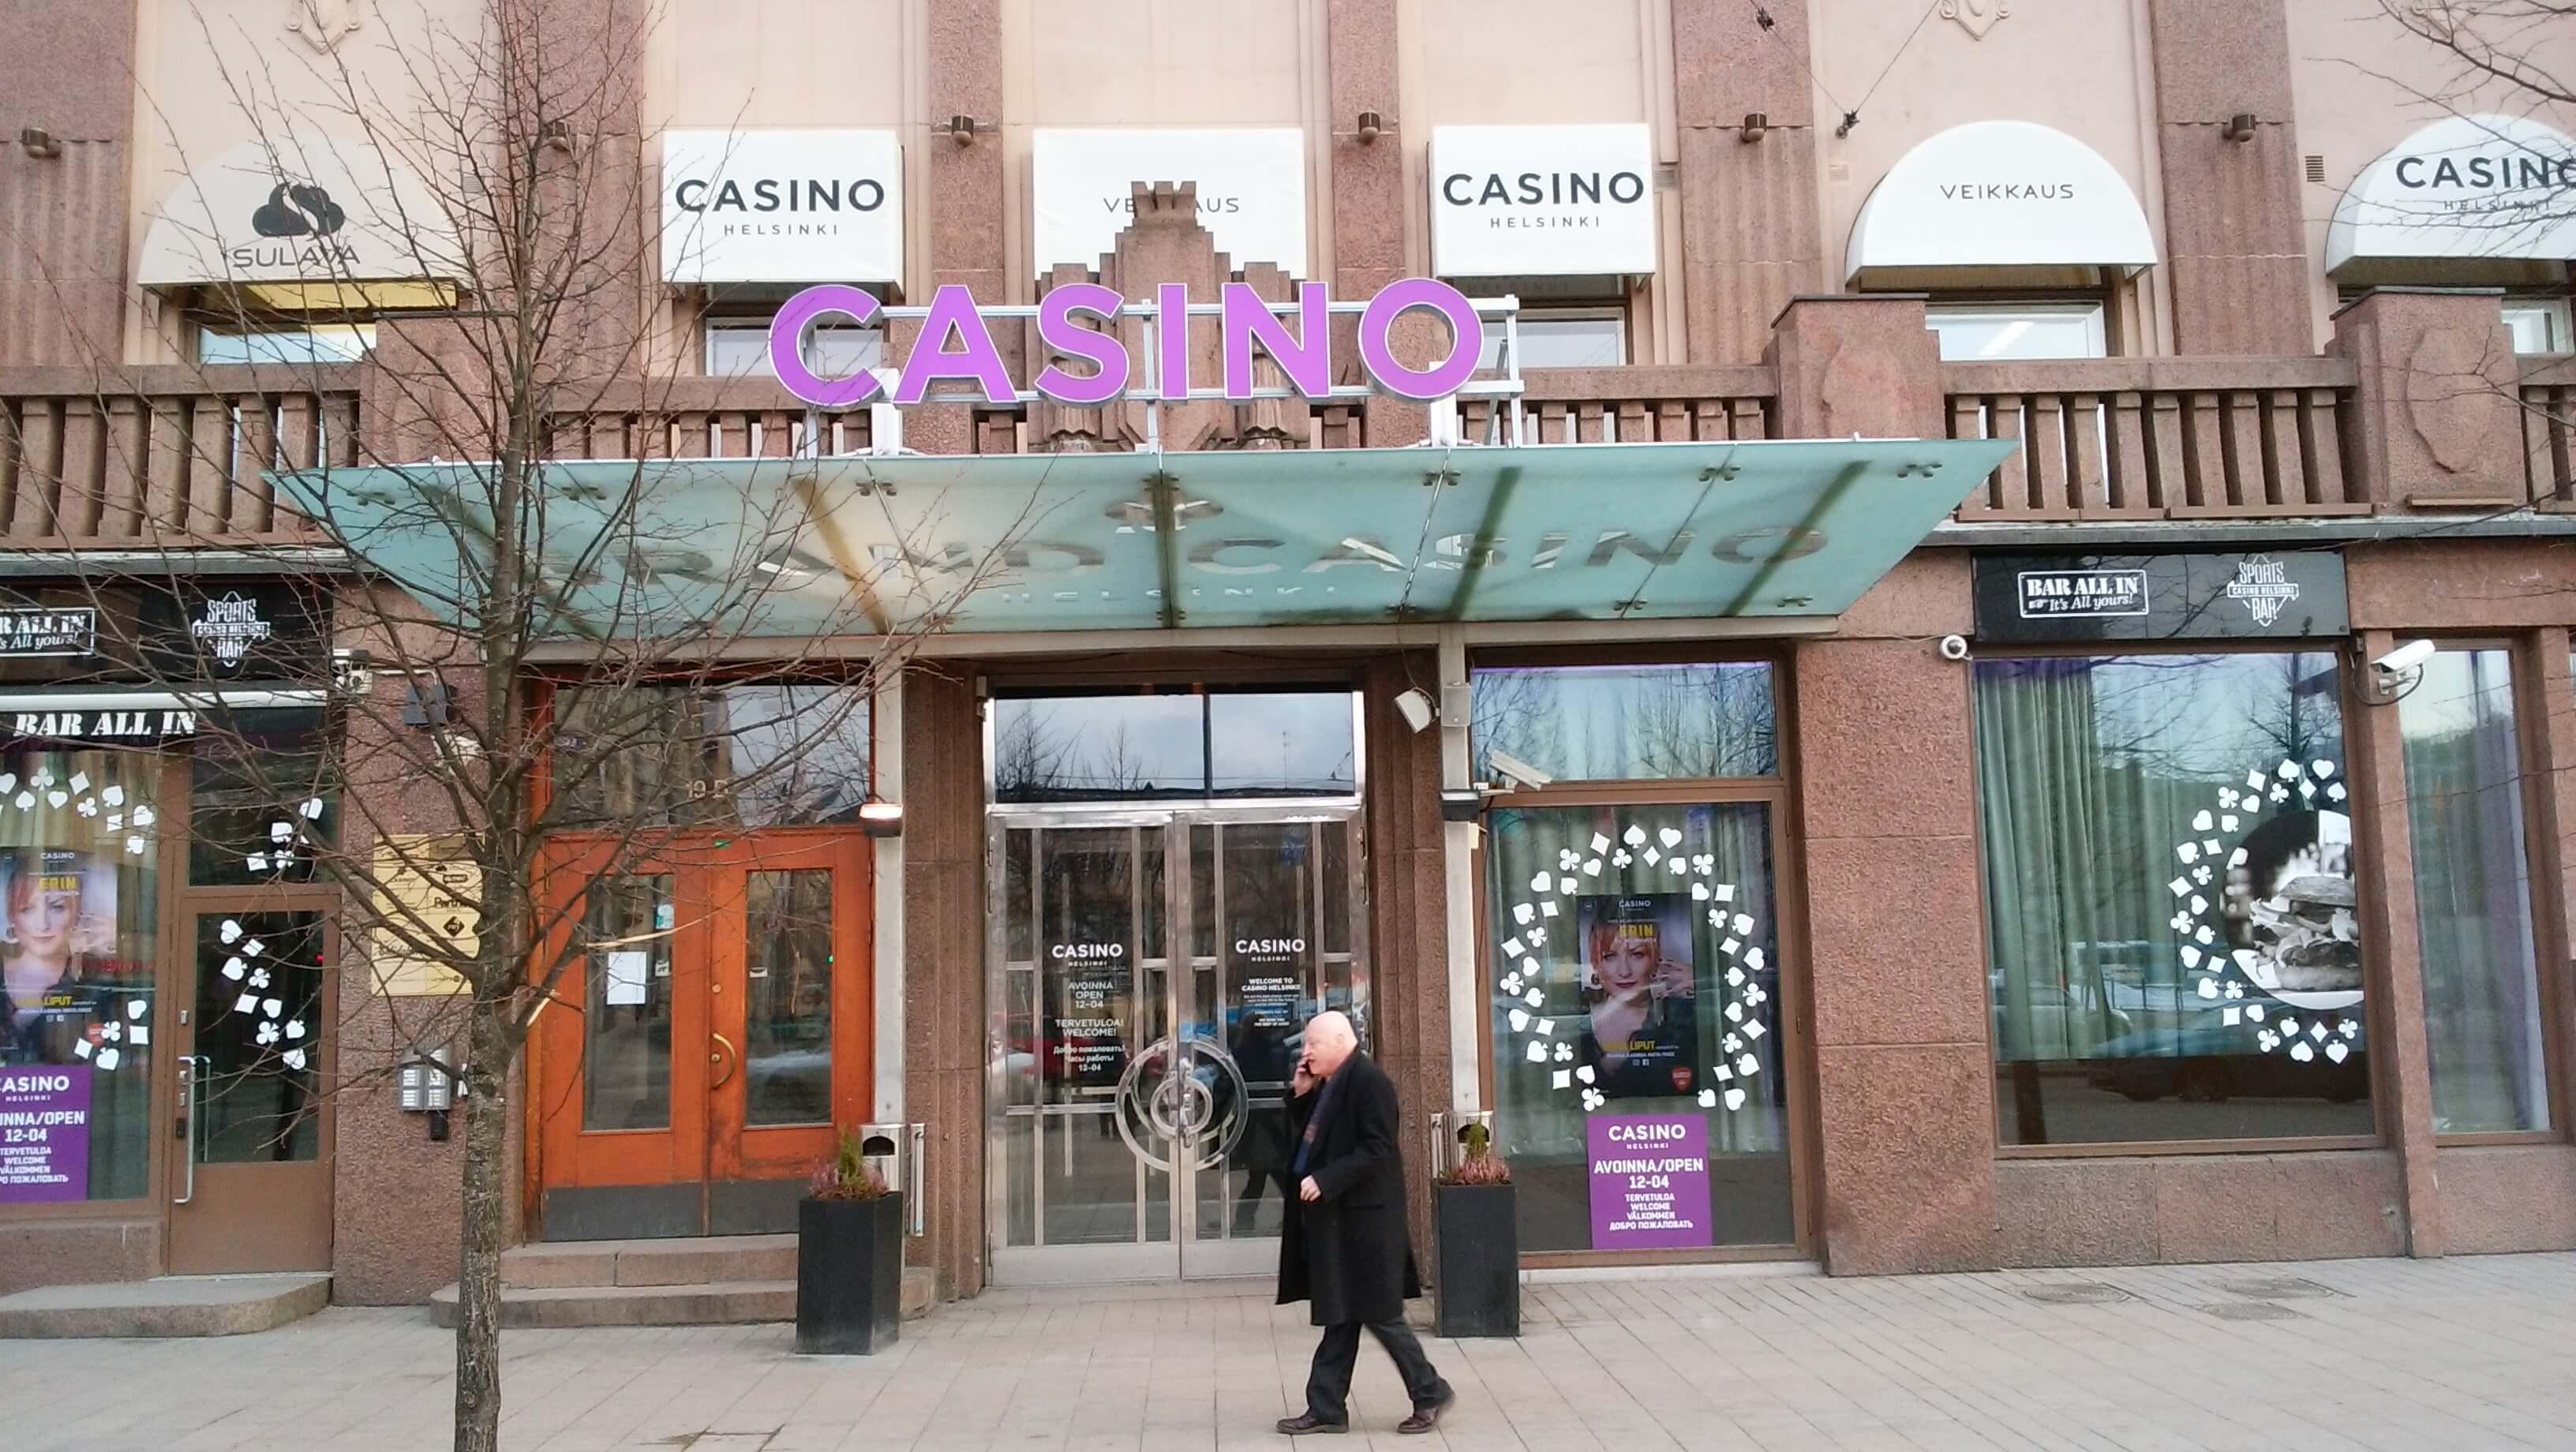 ヘルシンキ・カジノの外観